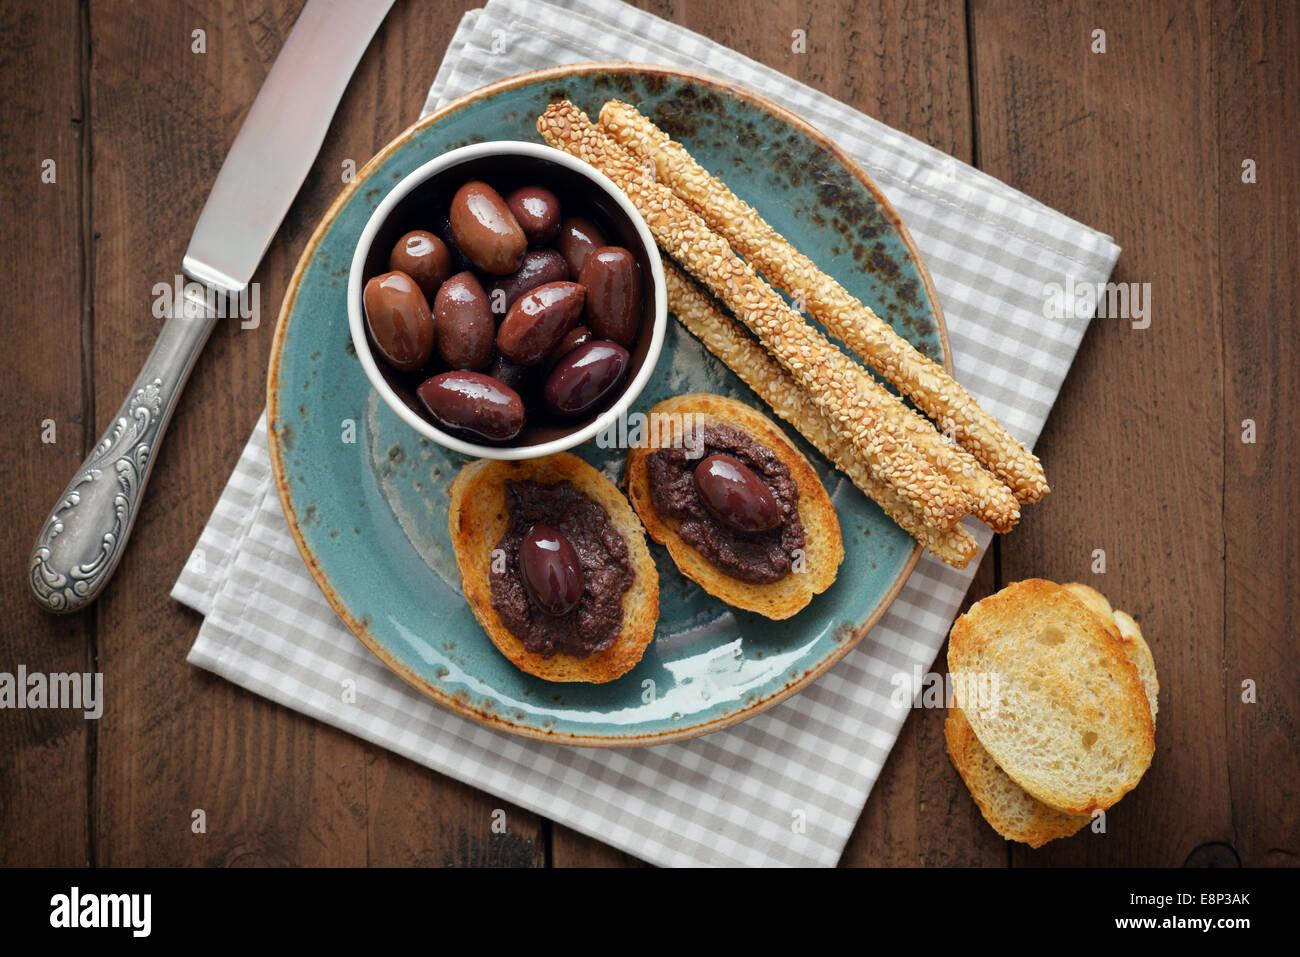 Pan con paté de oliva en placa de acercamiento. Cocina griega Imagen De Stock